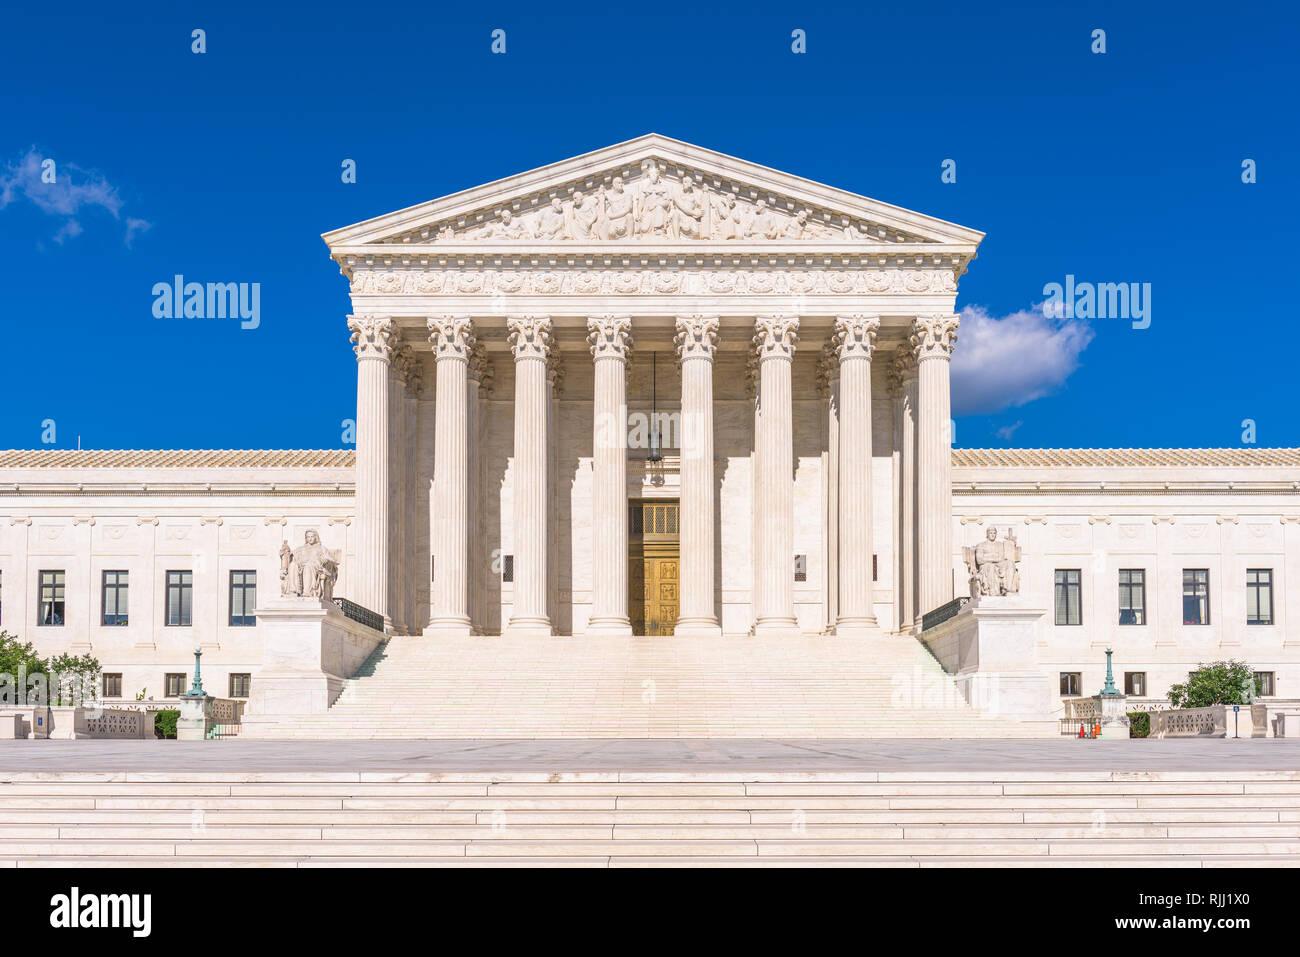 Edificio de la Corte Suprema de los Estados Unidos al anochecer, en Washington DC, Estados Unidos. Foto de stock